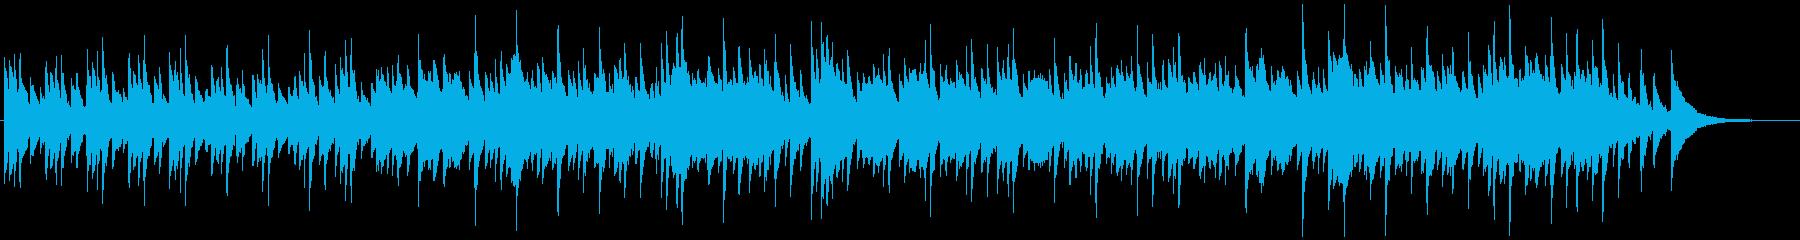 回想シーンっぽいピアノ曲の再生済みの波形